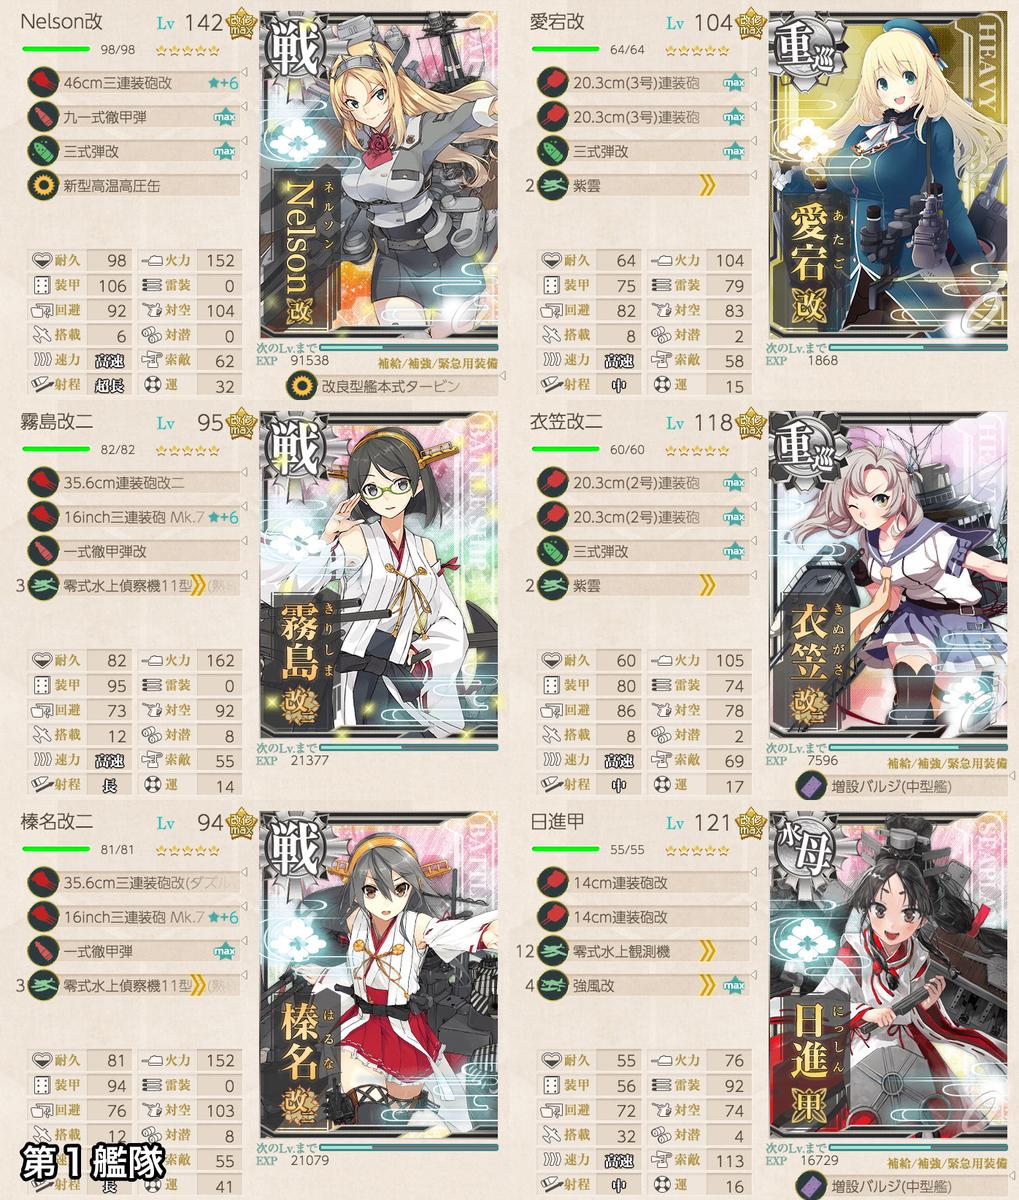 f:id:nameless_admiral:20200823163946j:plain